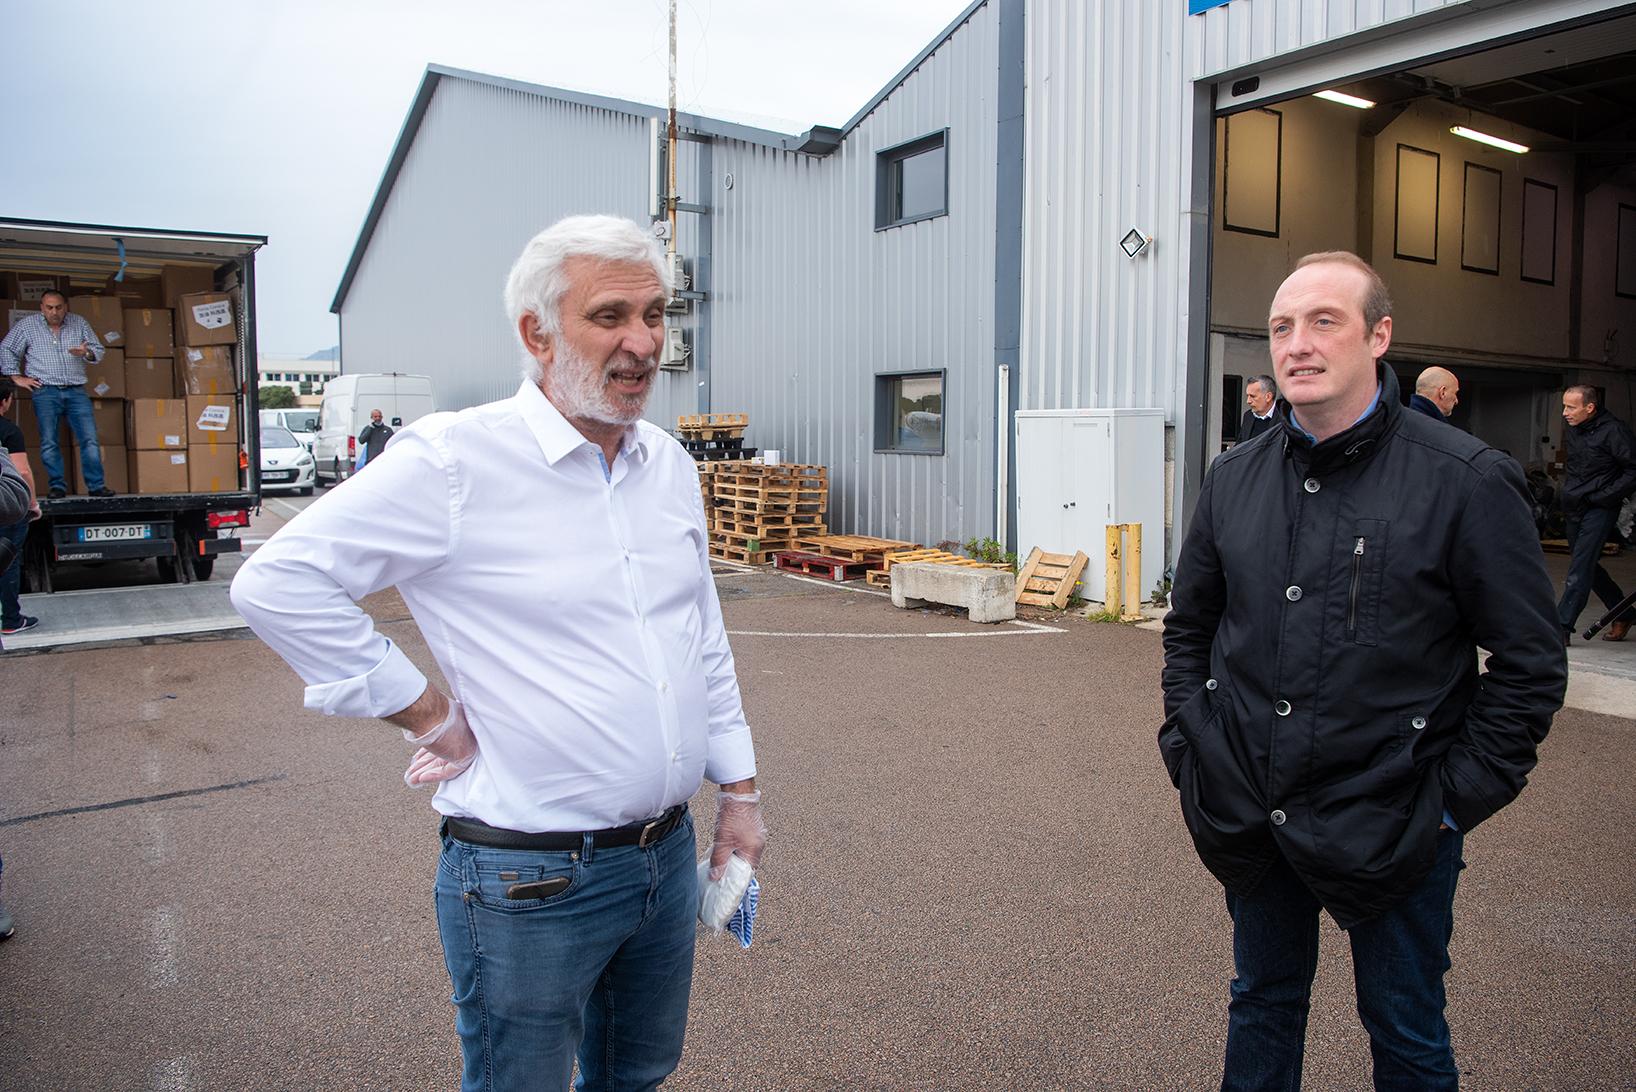 Le président de Corsicatours, Jean-Marc Ettori et Laurent Marcangeli lors de la livraison des masques FFP2 ce lundi à l'aéroport d'Ajaccio où vient d'atterrir le Boeing spécialement affrété (Photos Ville d'Ajaccio).